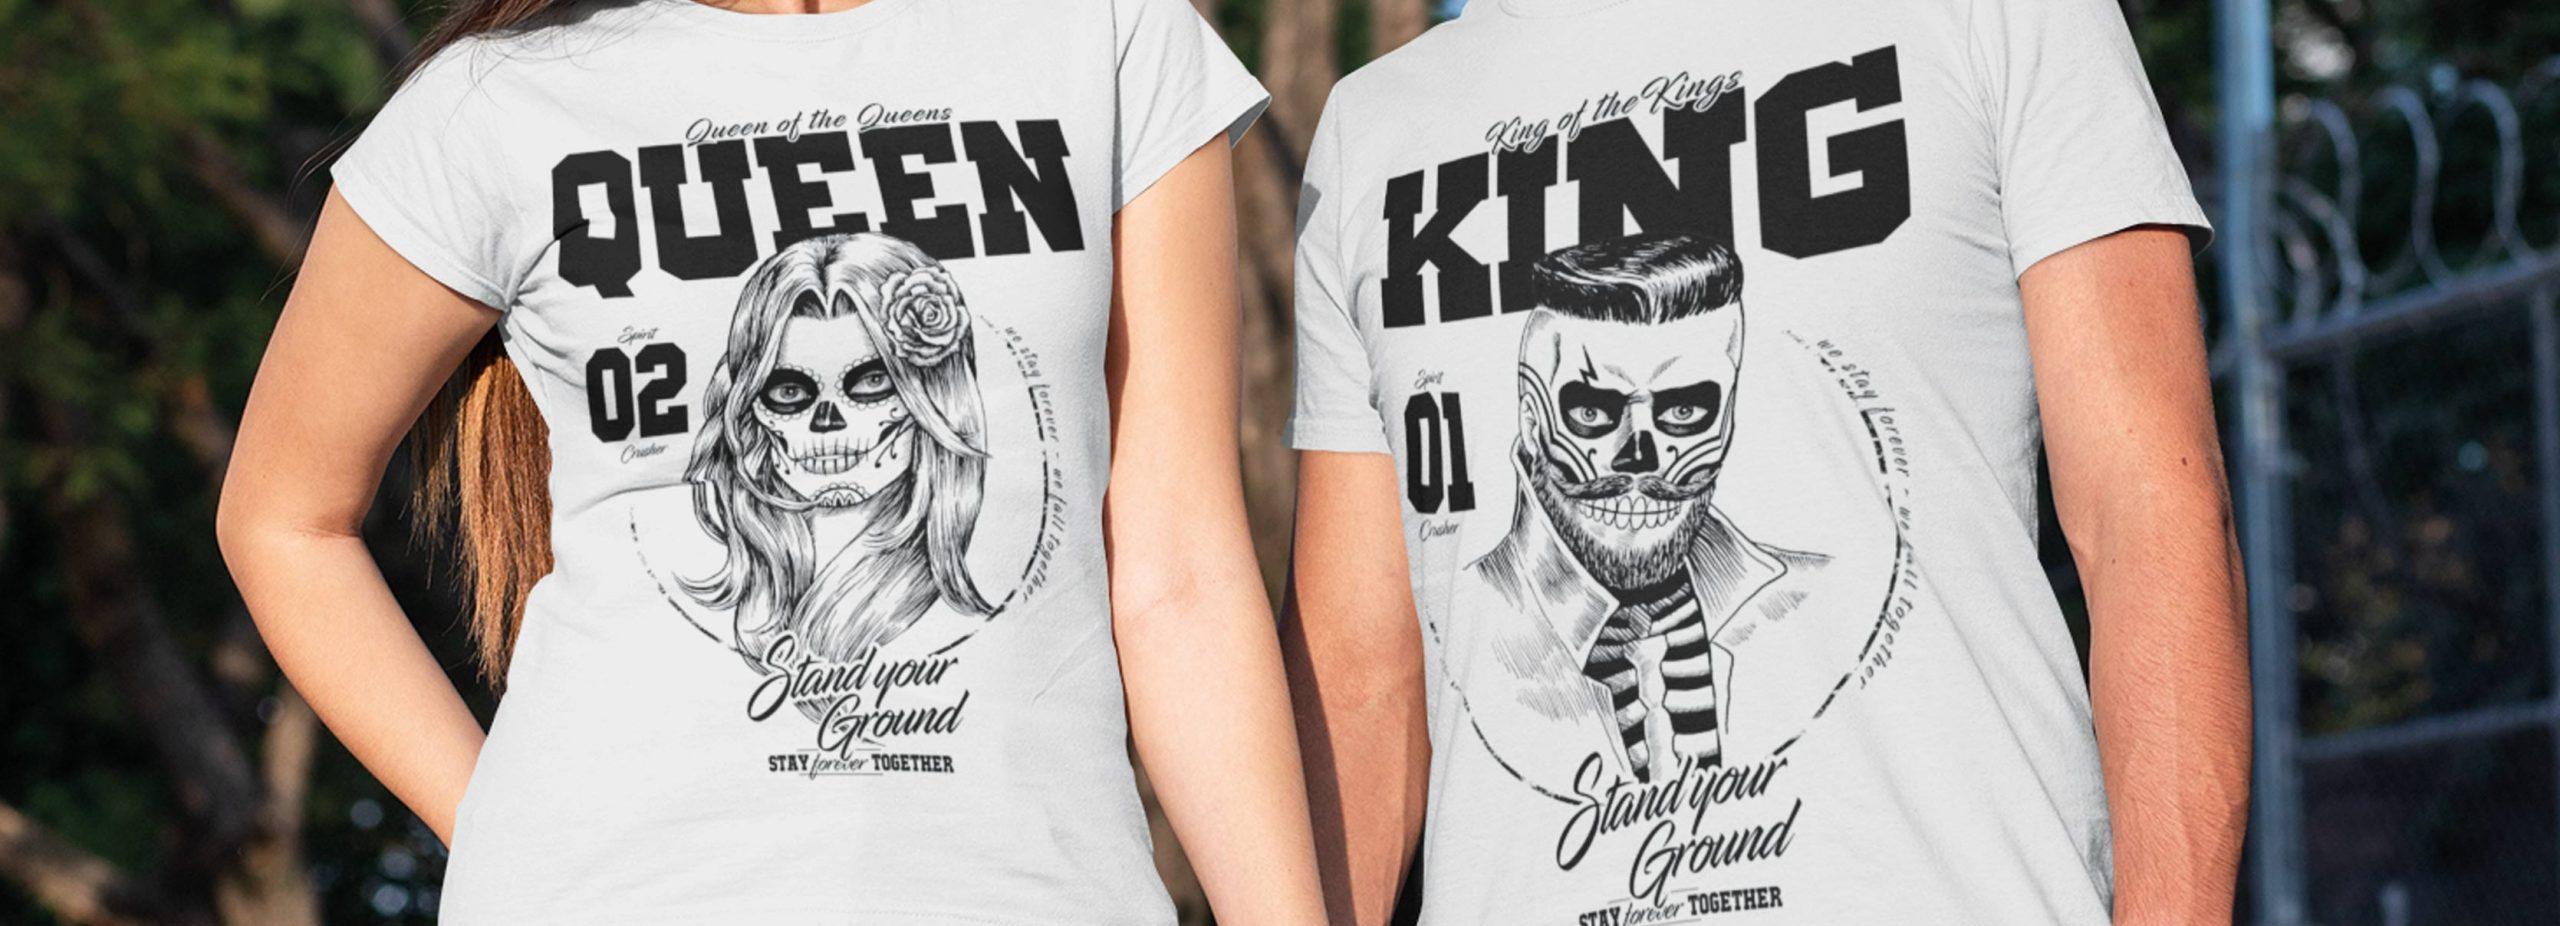 King & Queen Partner Shirt